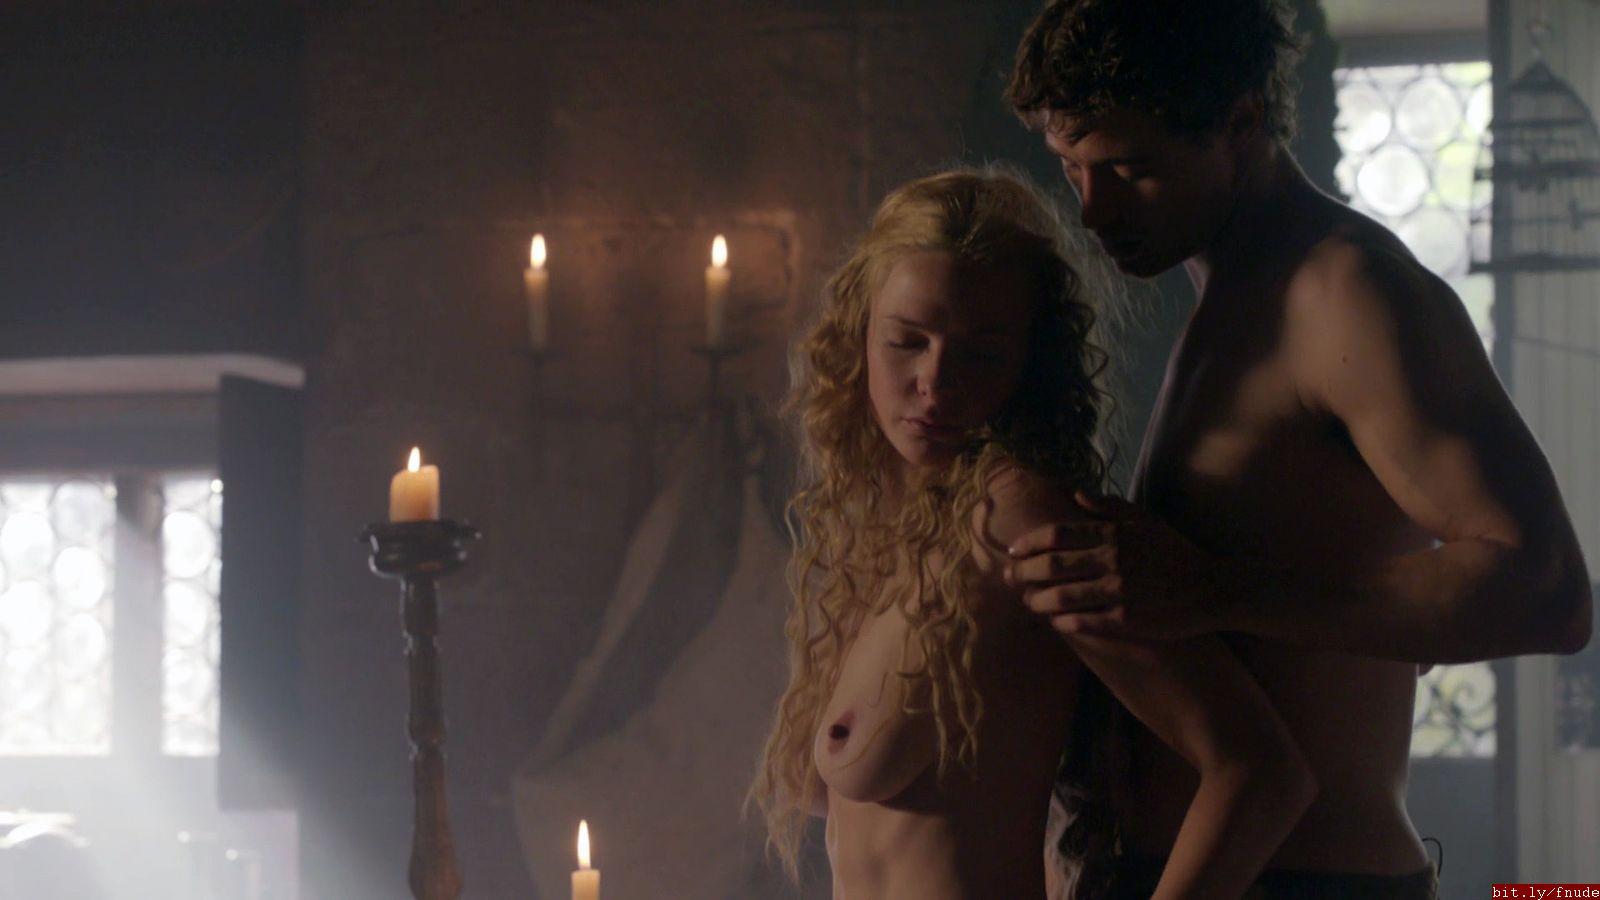 Ferguson nude rebecca actress